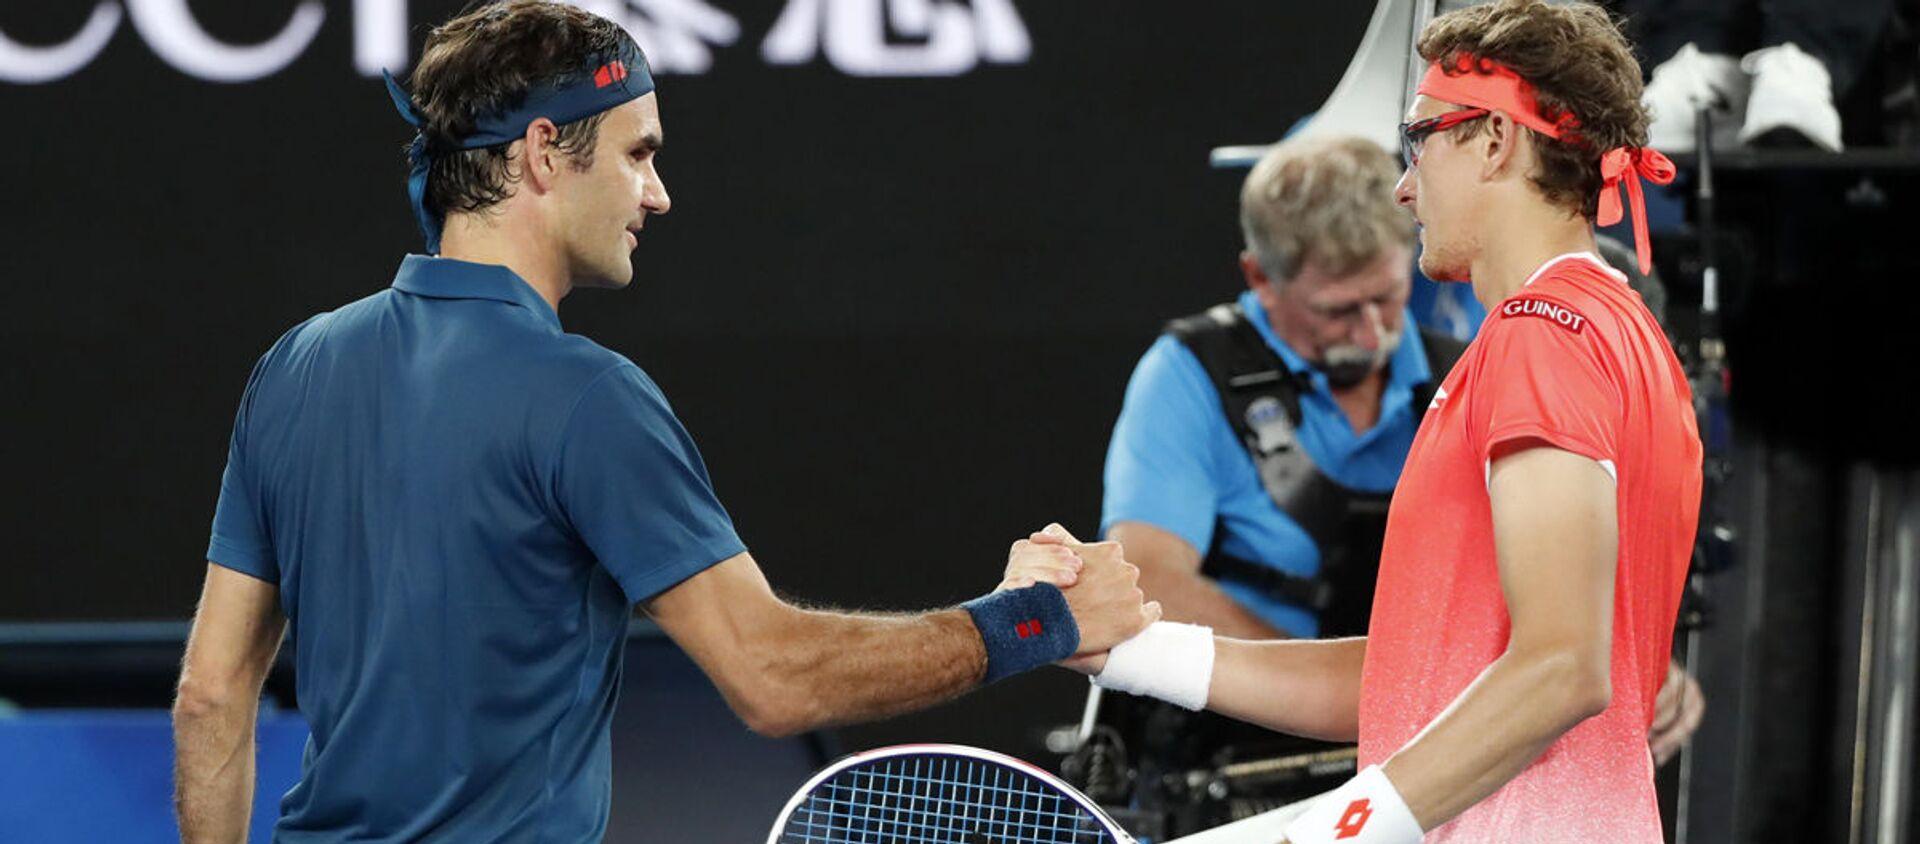 Роджер Федерер из Швейцарии и Денис Истомин из Узбекистана приветствуют друг друга после матча - Sputnik Узбекистан, 1920, 14.01.2019